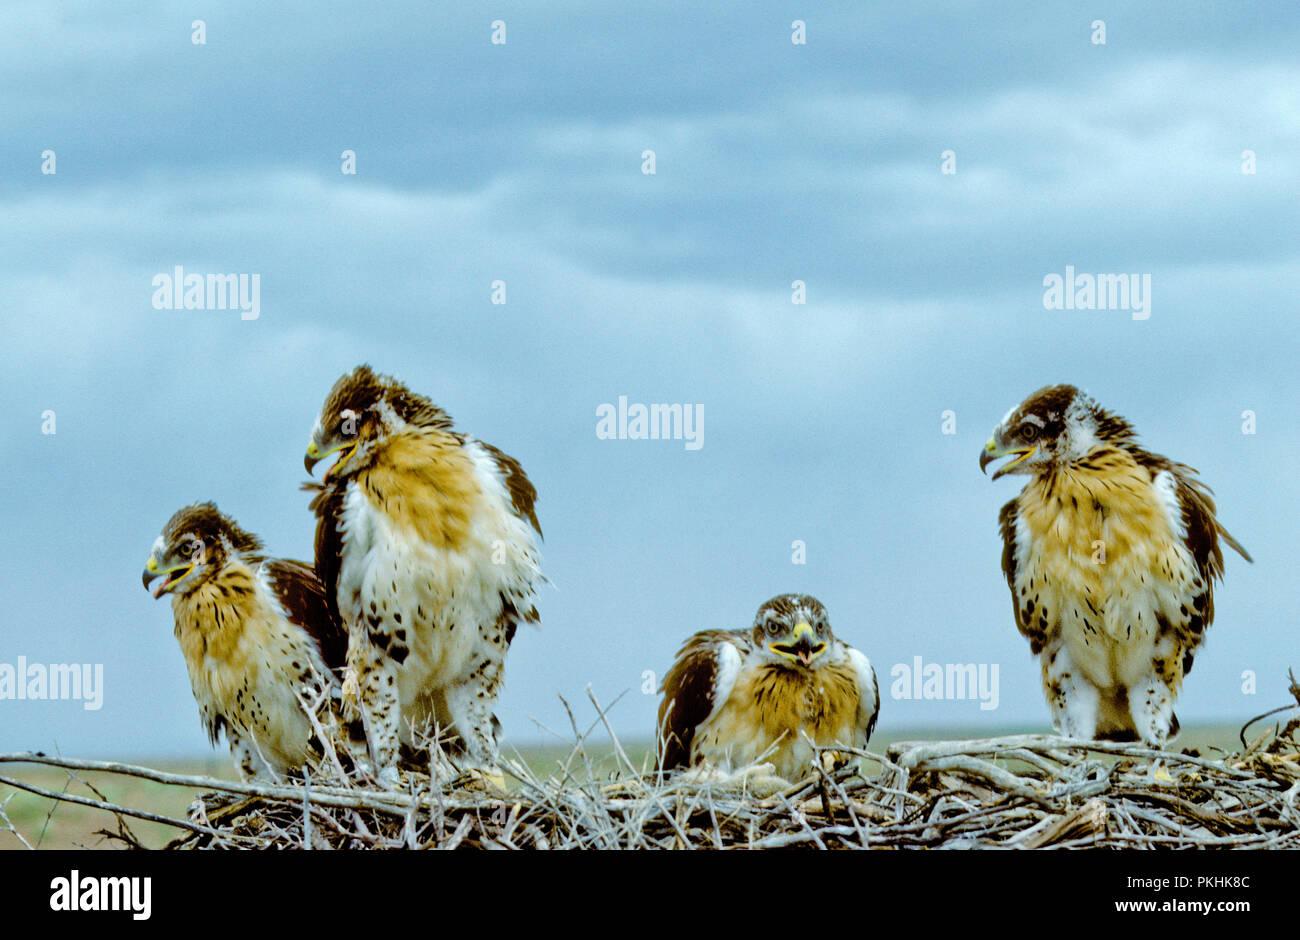 Menores halcones ferruginosas (Buteo regalis) en el nido en el Morley Nelson Snake River, aves de presa, el Area de Conservación Nacional de Idaho Imagen De Stock